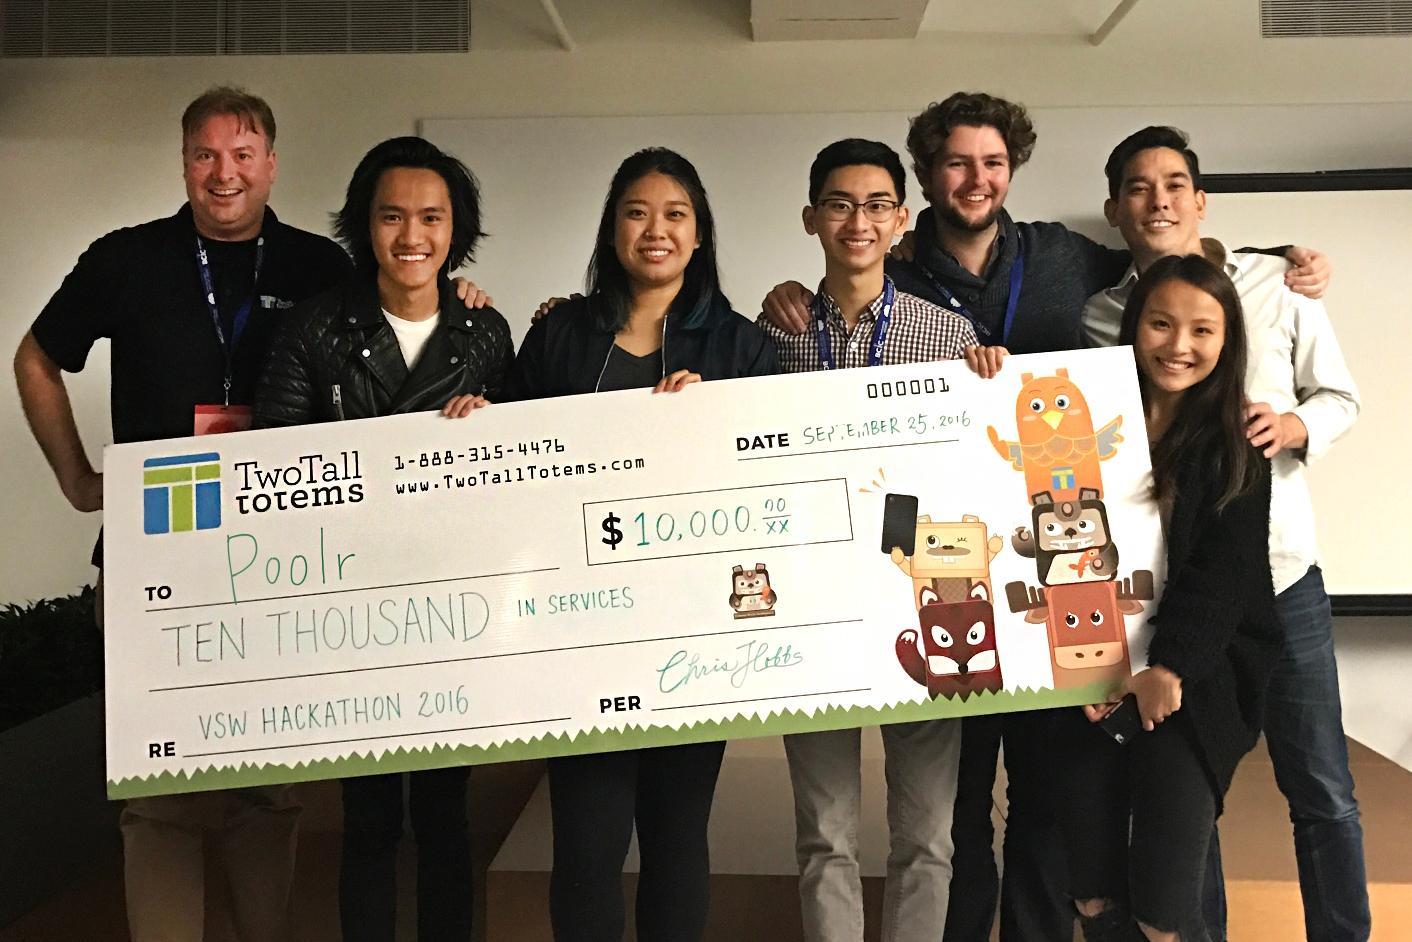 VSW Hackathon Winners Poolr